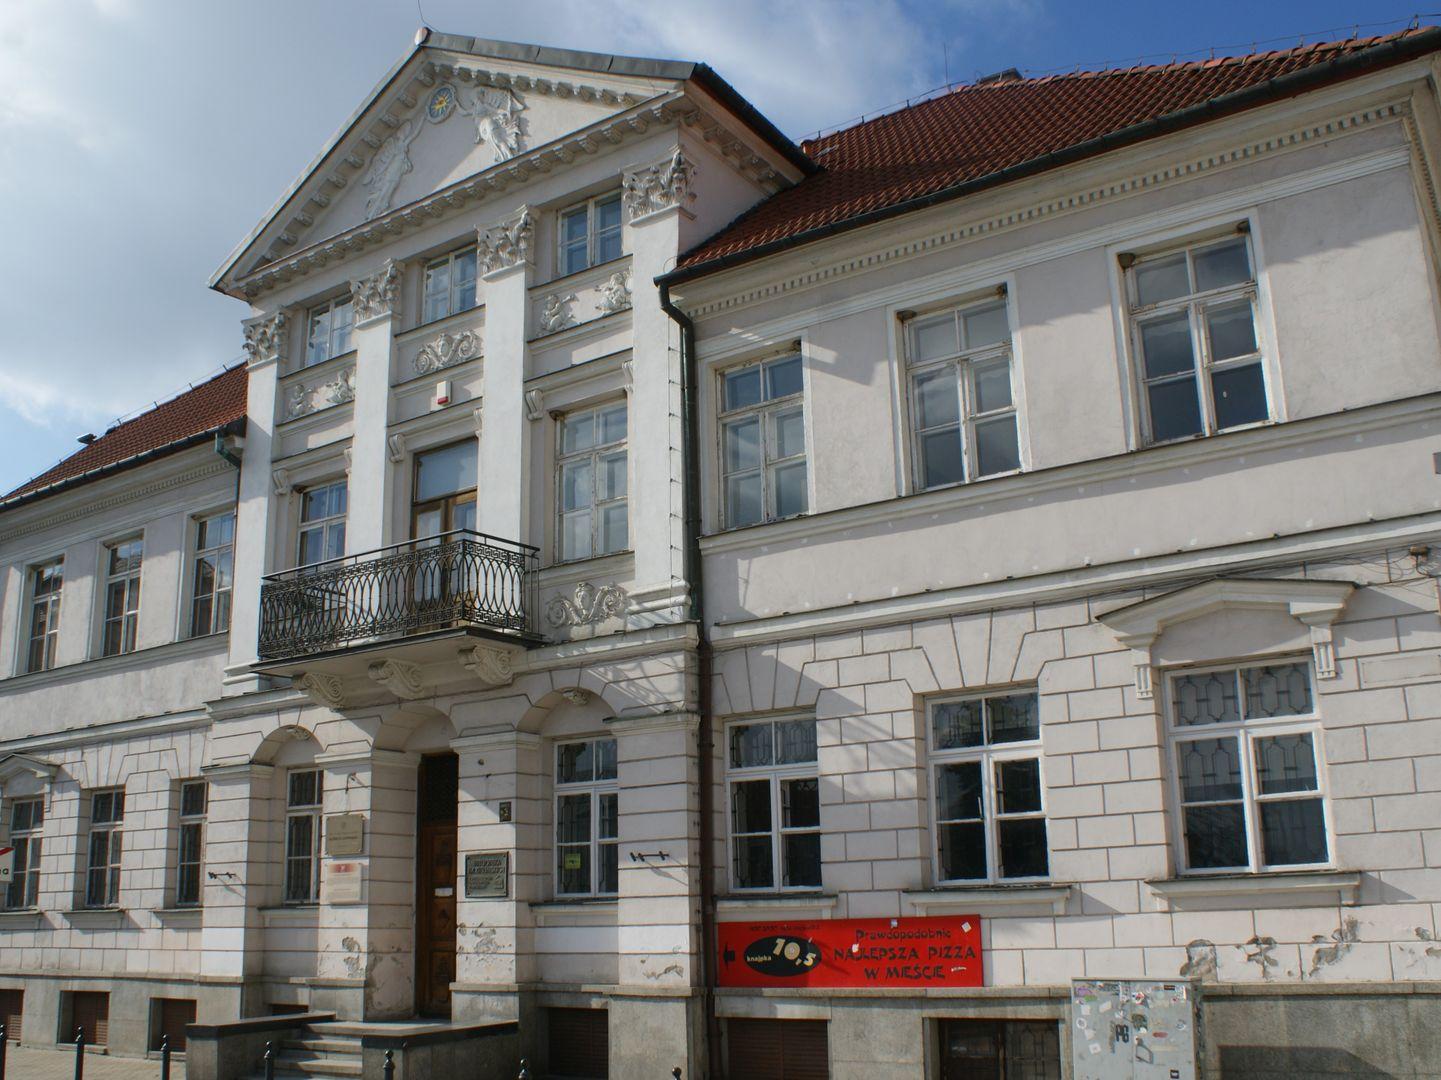 Siedziba Biblioteki im. Zielińskich Towarzystwa Naukowego Płockiego - Dom pod Opatrznością przy pl. Narutowicza 2 w Płocku